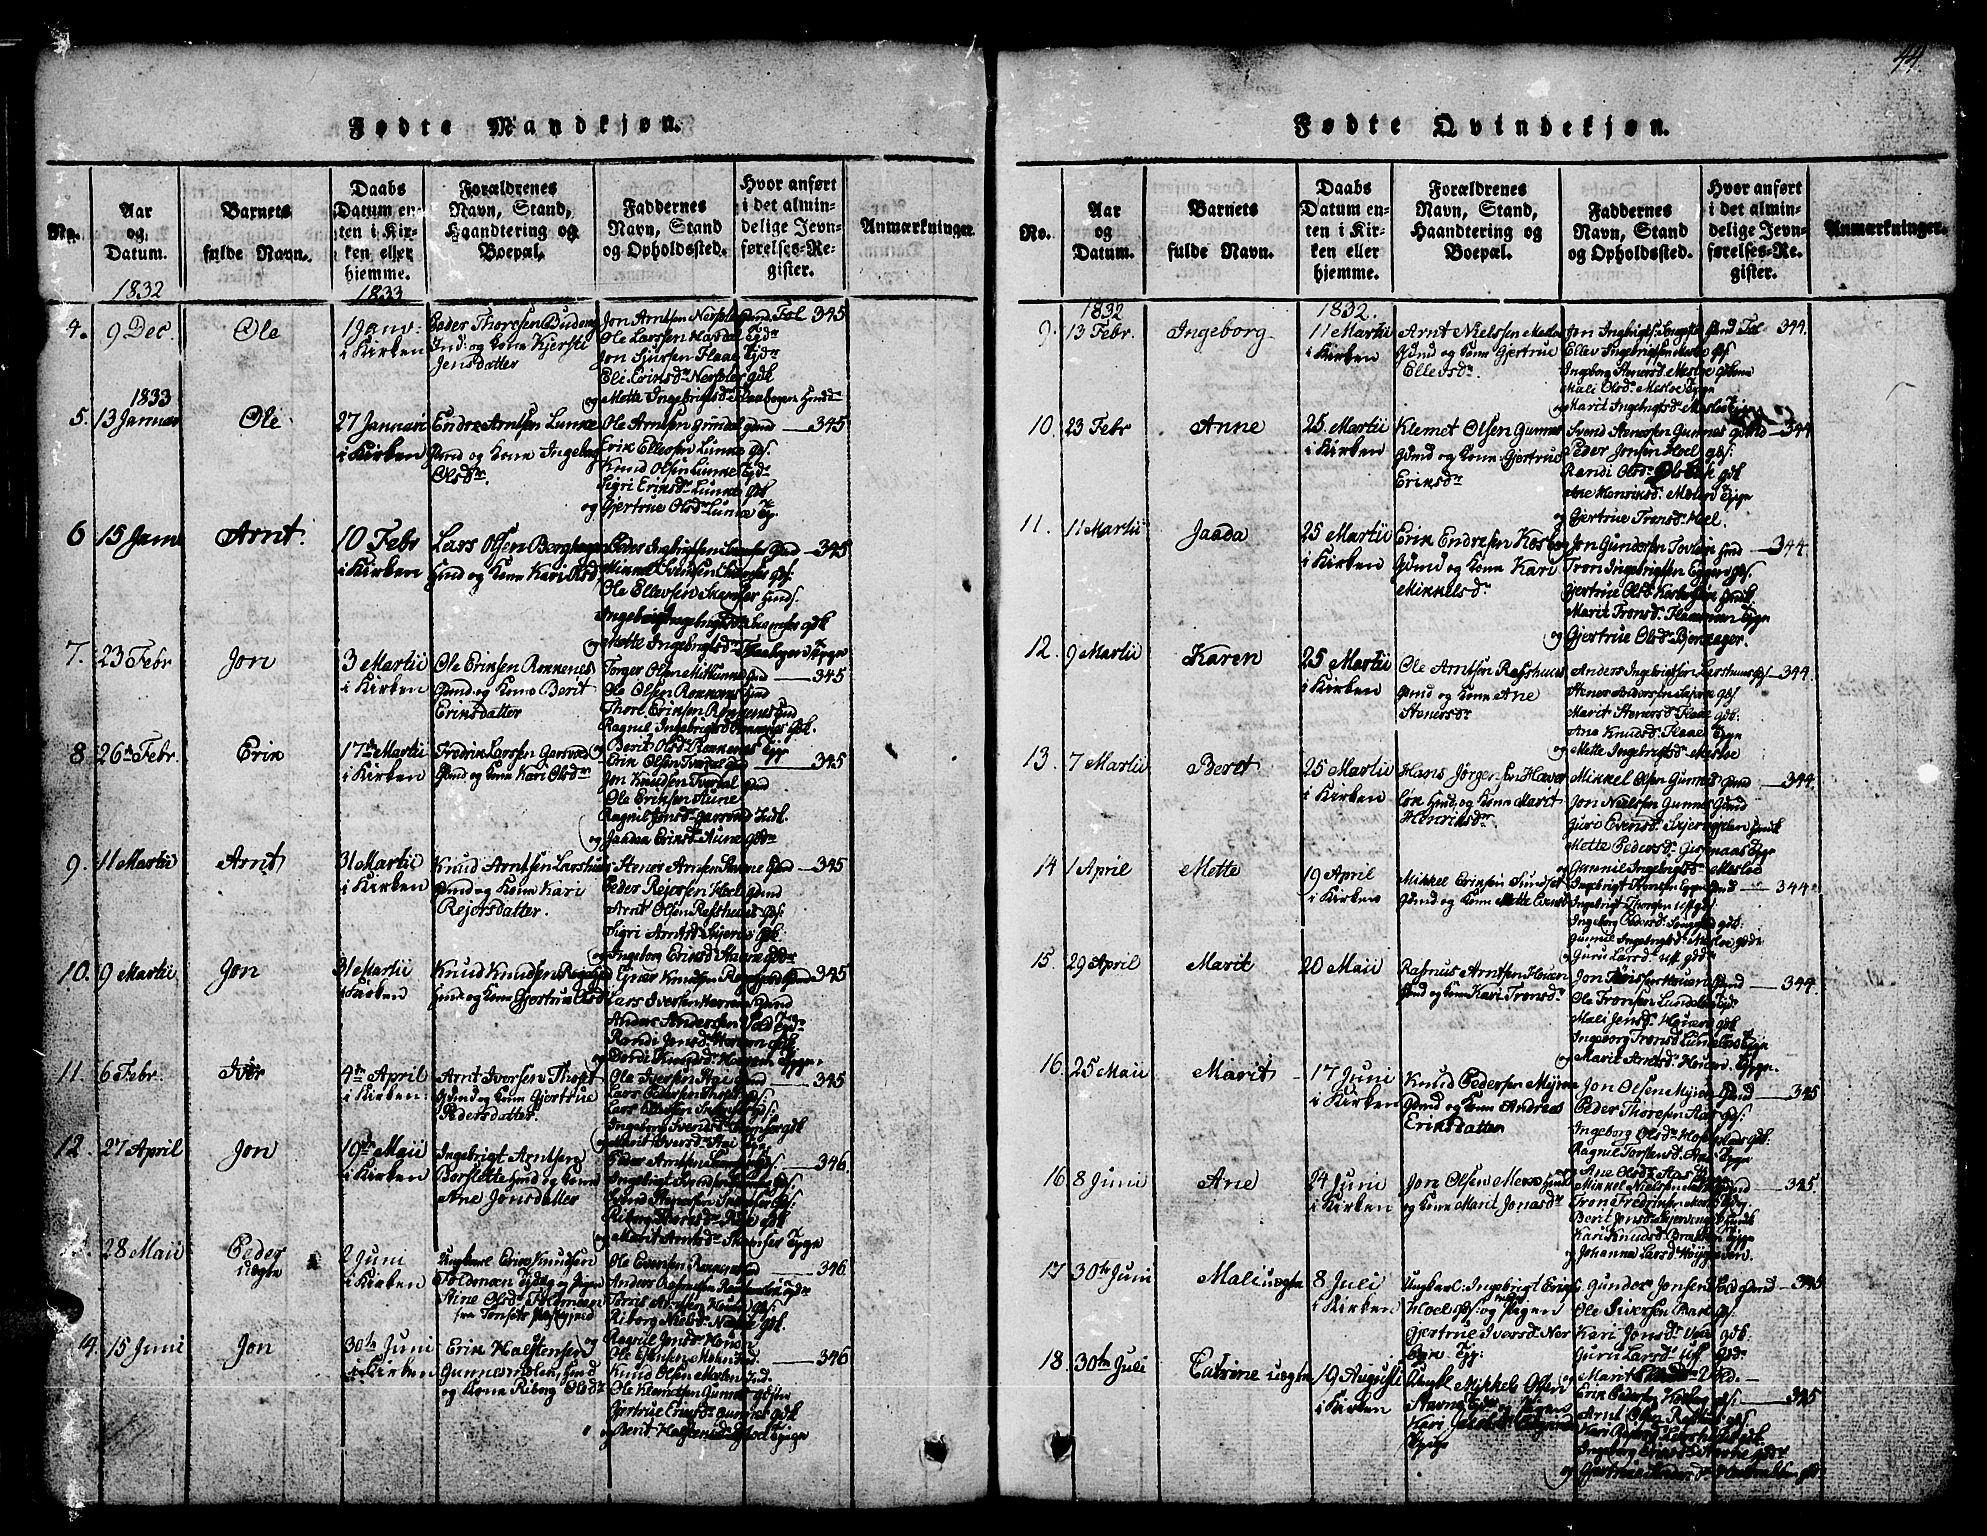 SAT, Ministerialprotokoller, klokkerbøker og fødselsregistre - Sør-Trøndelag, 674/L0874: Klokkerbok nr. 674C01, 1816-1860, s. 44